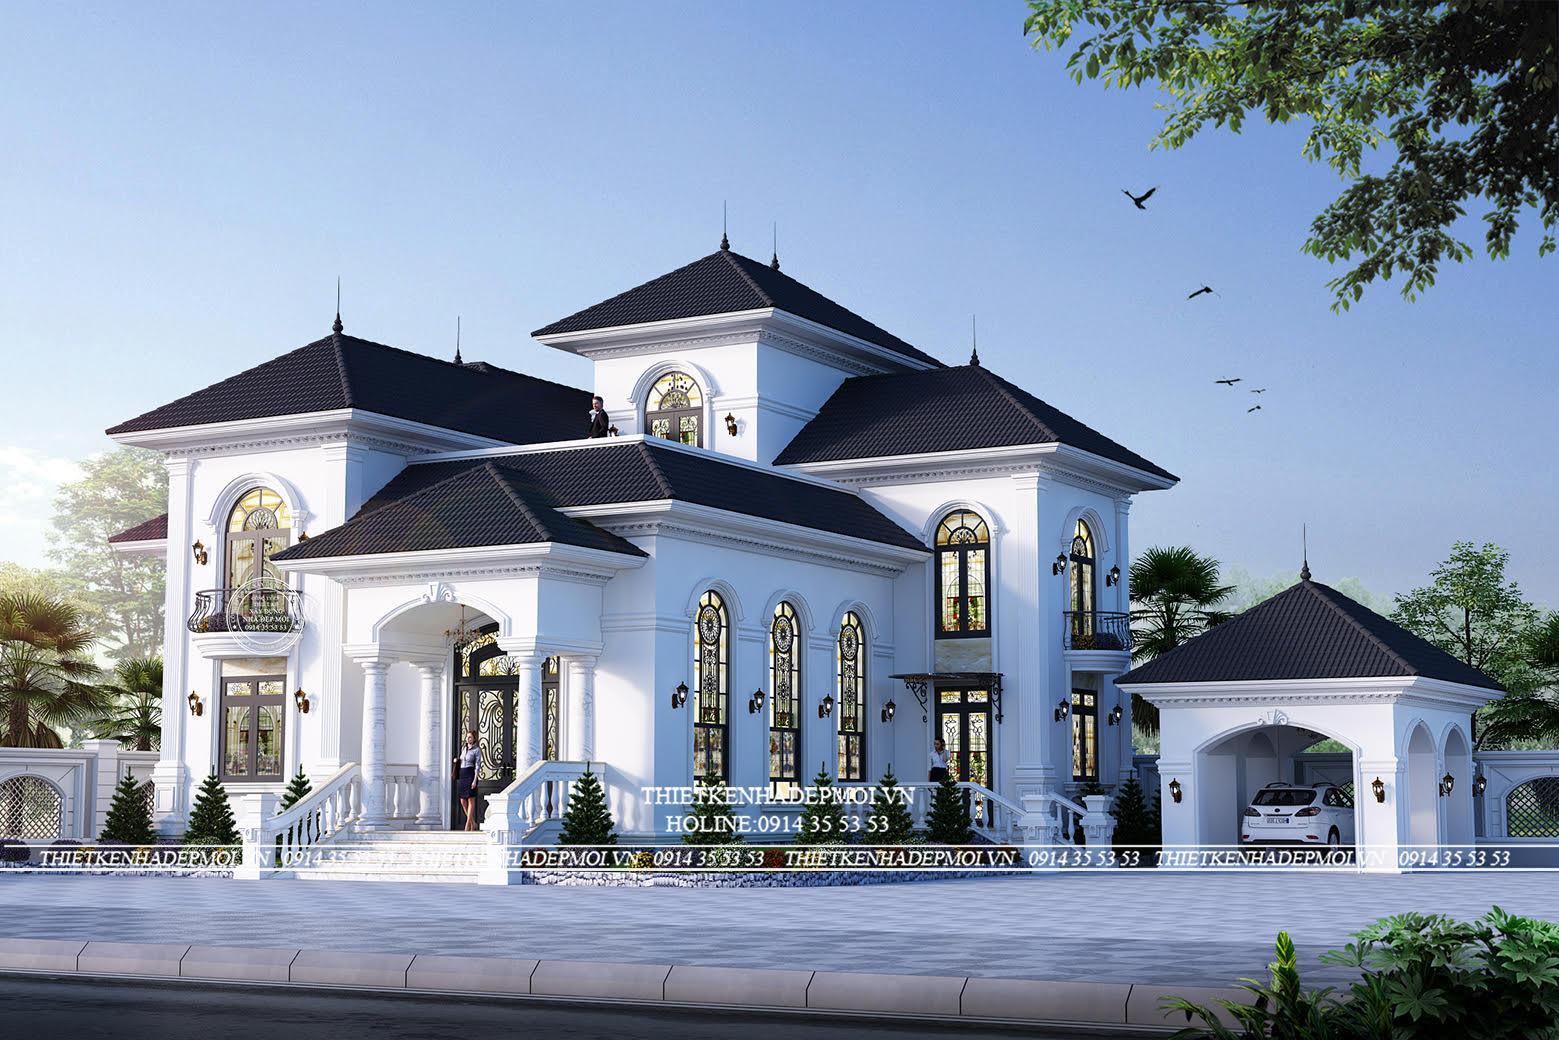 Mẫu biệt thự 2 tầng phong cách Địa Trung Hải đẹp nhẹ nhàng và sang trọng của anh Long (Biên Hòa)